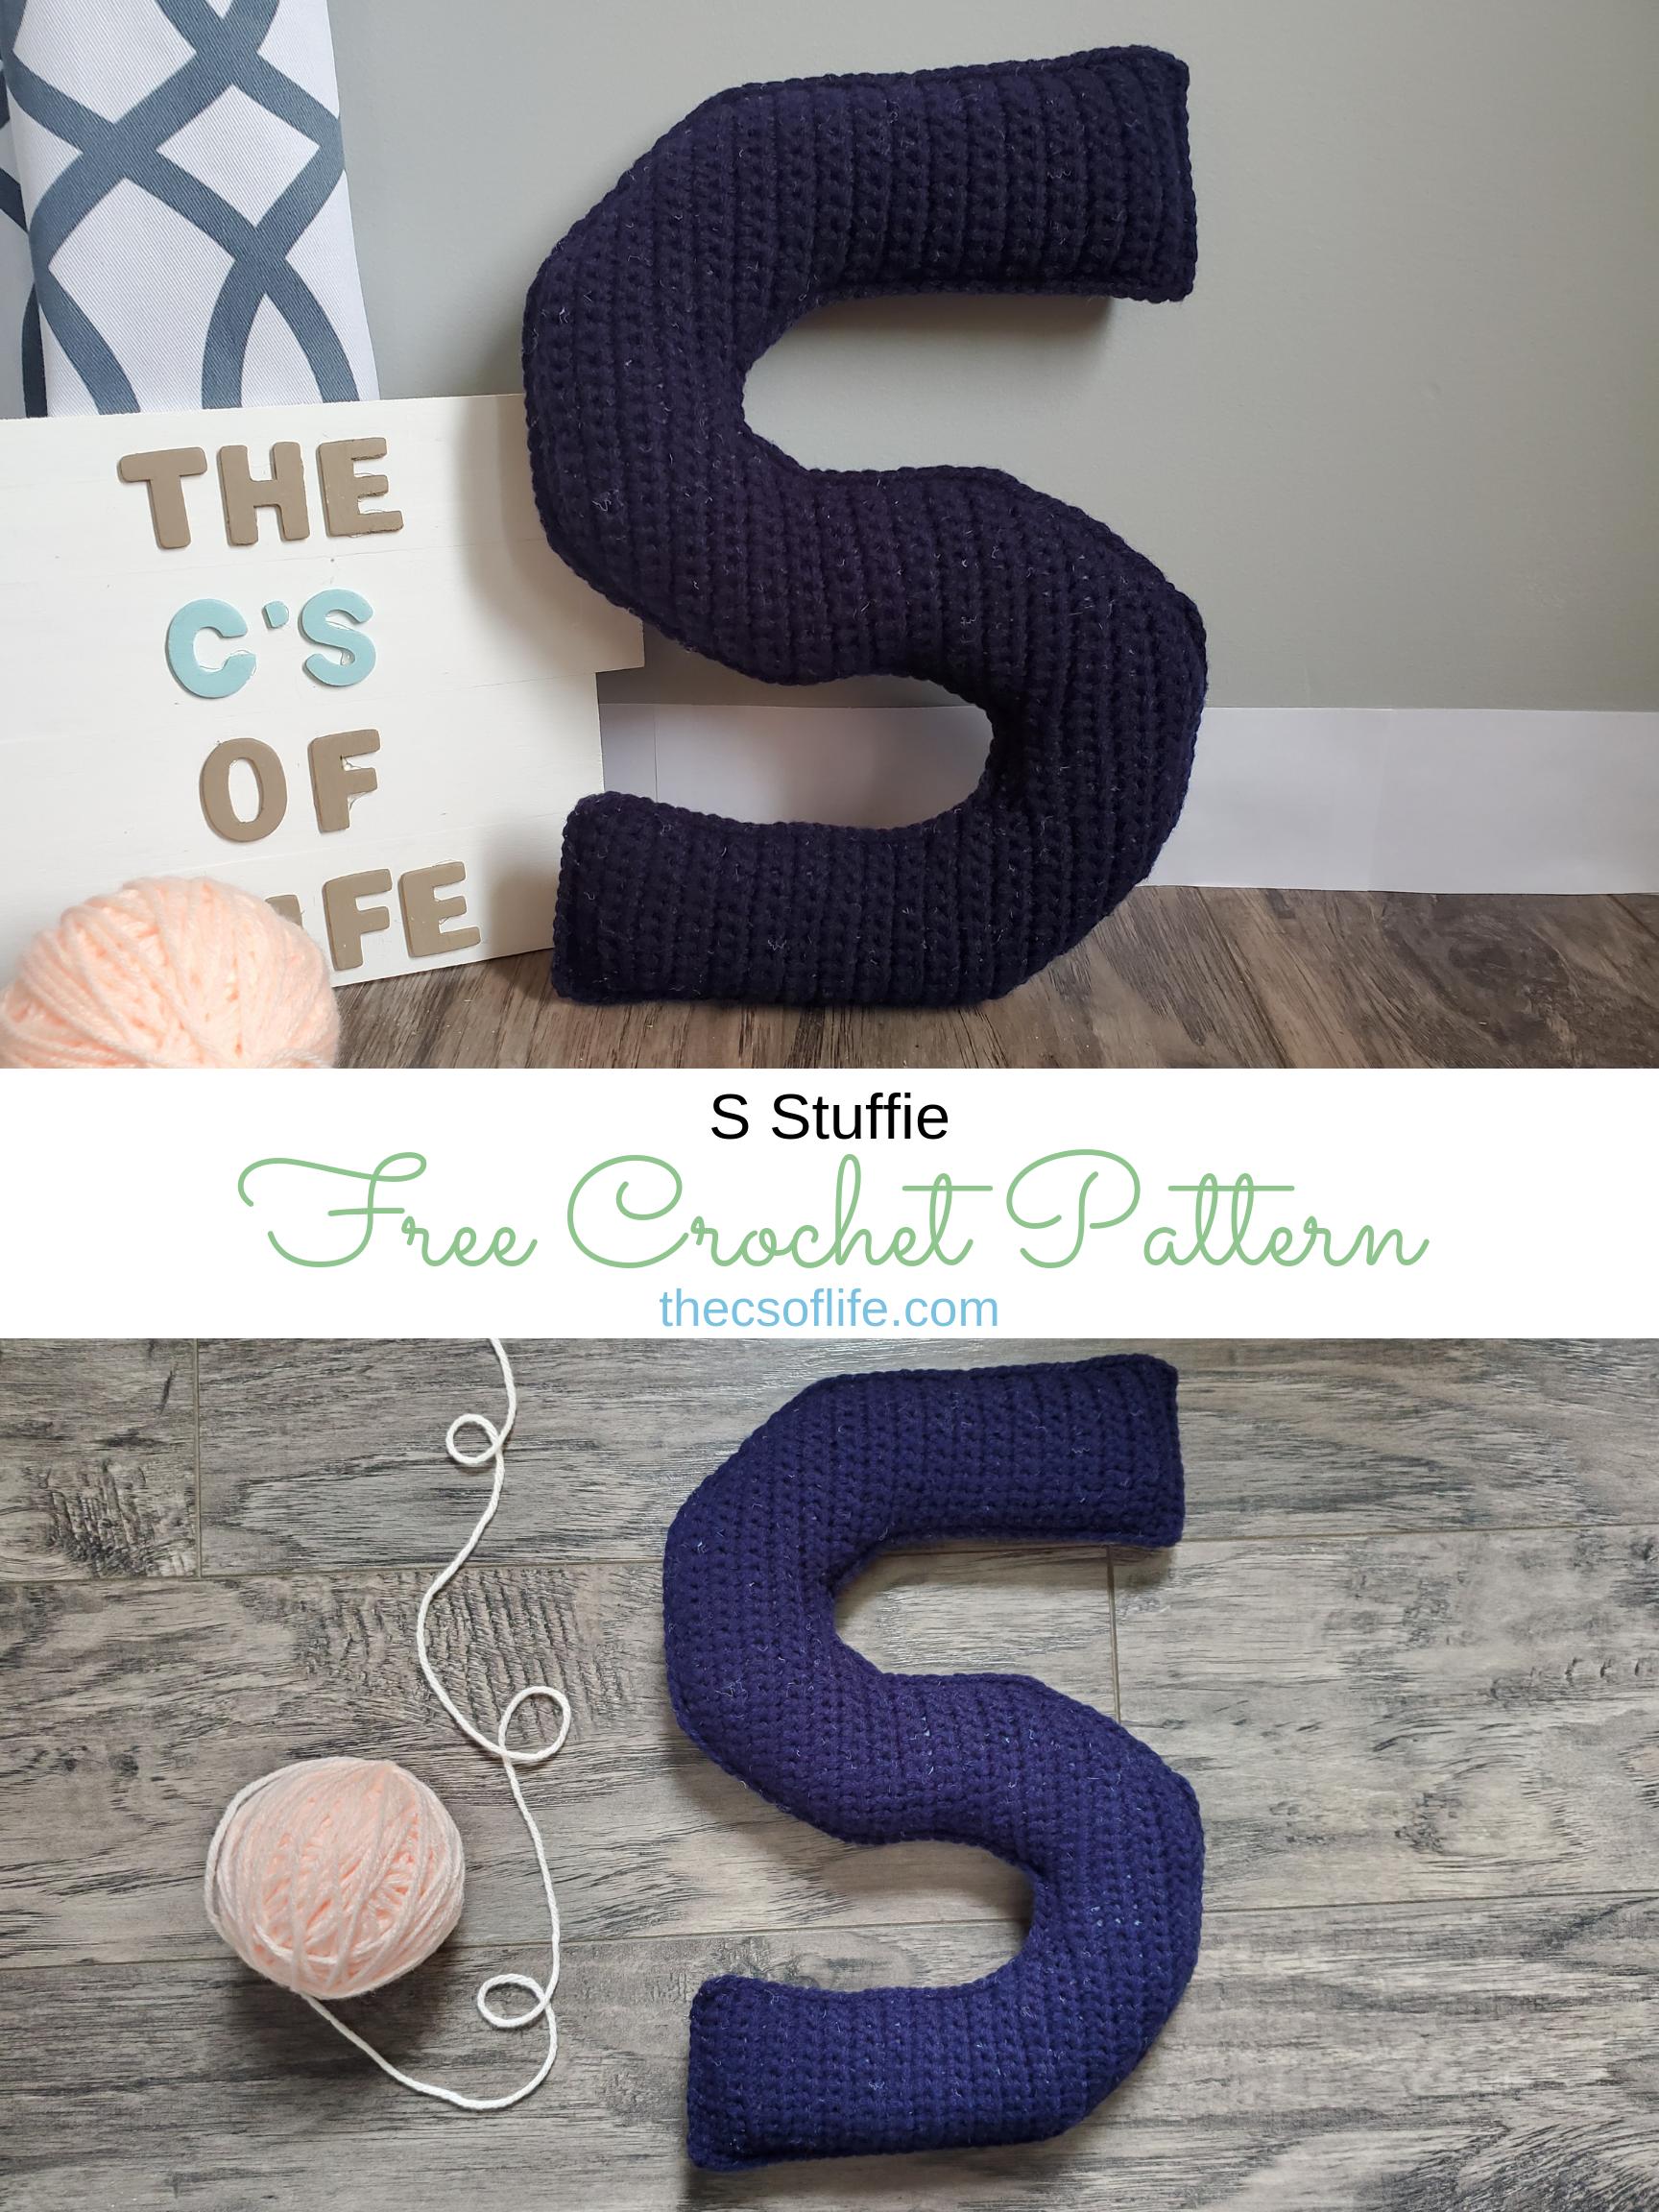 S Stuffie - Free Crochet Pattern